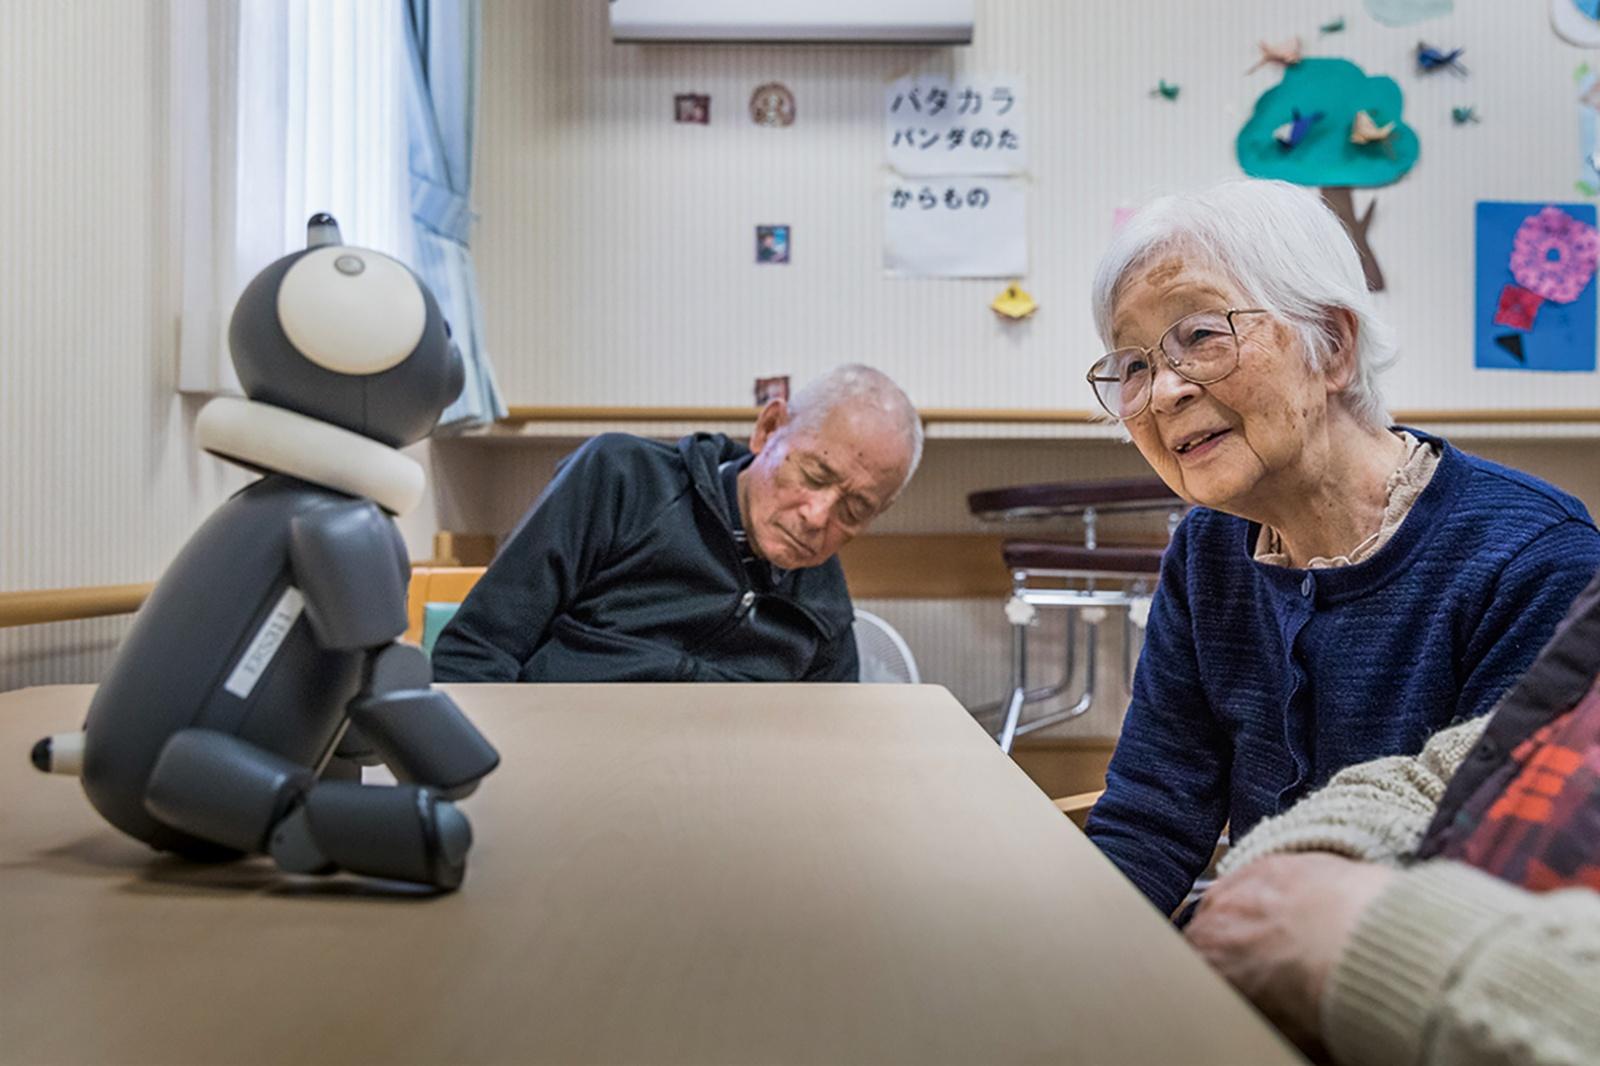 Робот-опекун вместо сиделки. Оценит ли бабушка? - 3